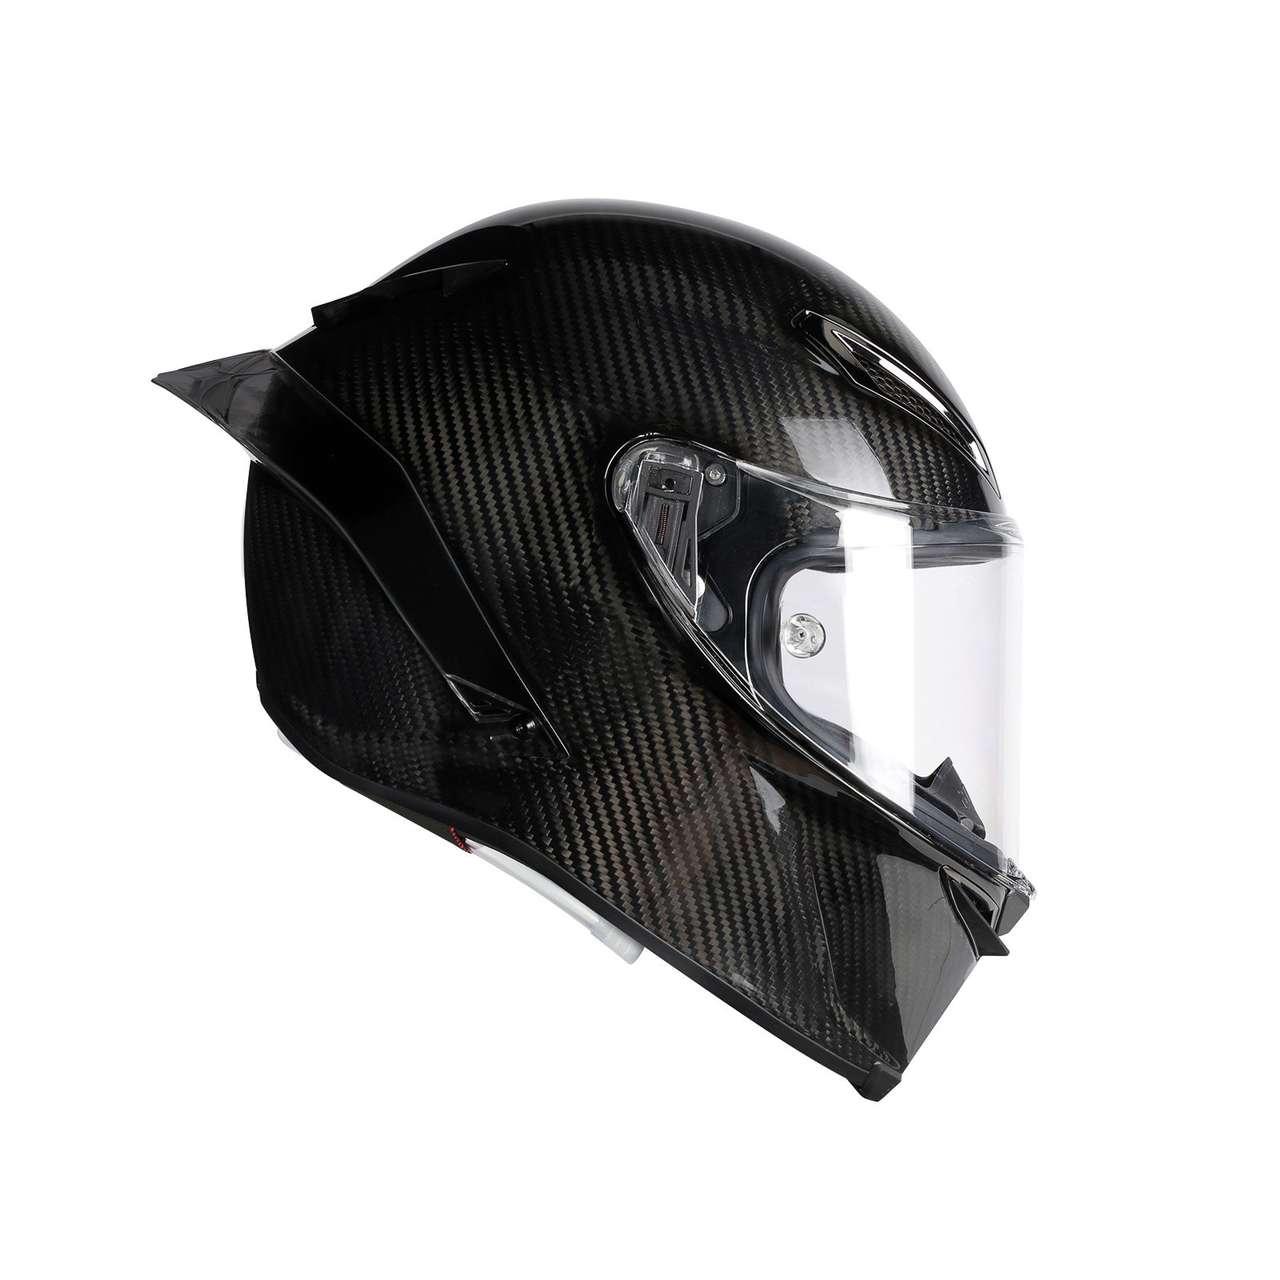 Der neue AGV Pista GP R – ein Racinghelm für den Doctor und alle Fans. Kennzeichen sind die ausgefeilte Aerodynamik, das geringe Gewicht, das gute Sichtfeld und die hohen Sicherheitsstandards.